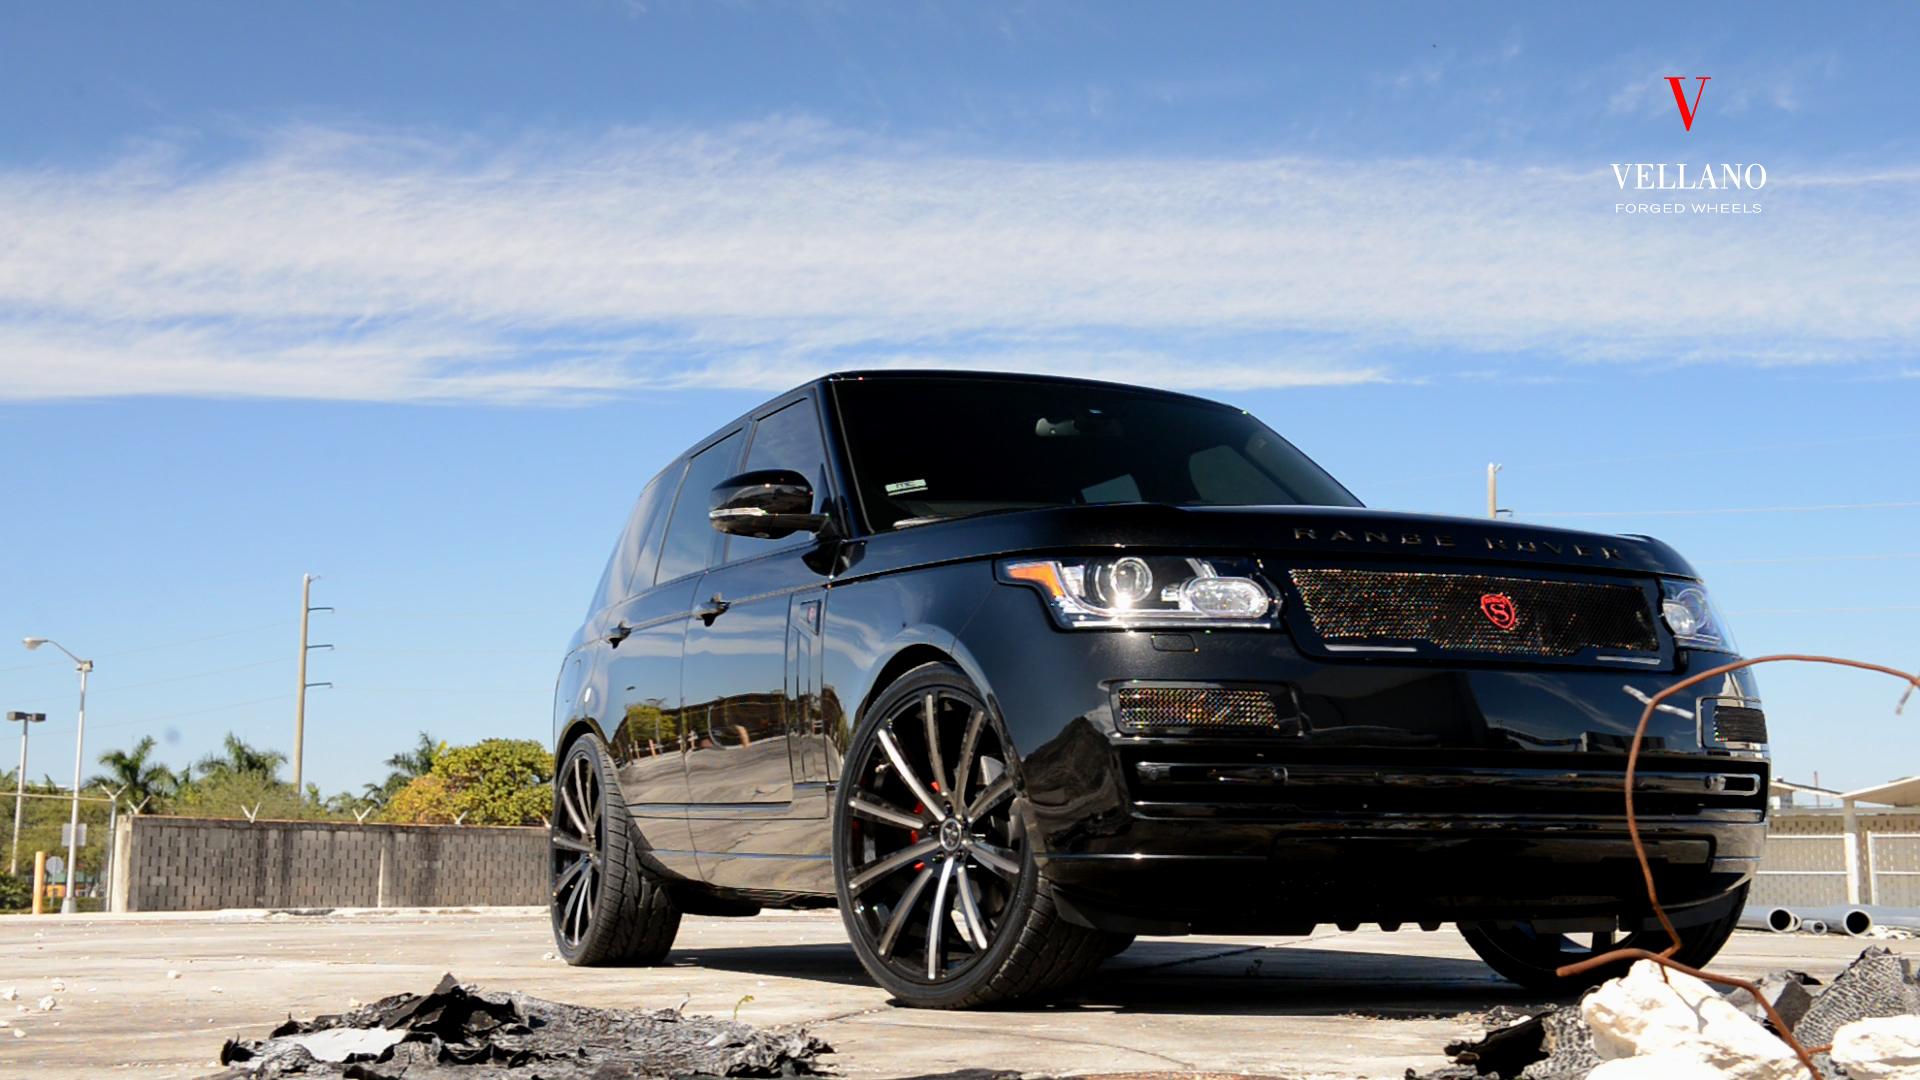 Black Range Rover VM03 24″ Monoblock